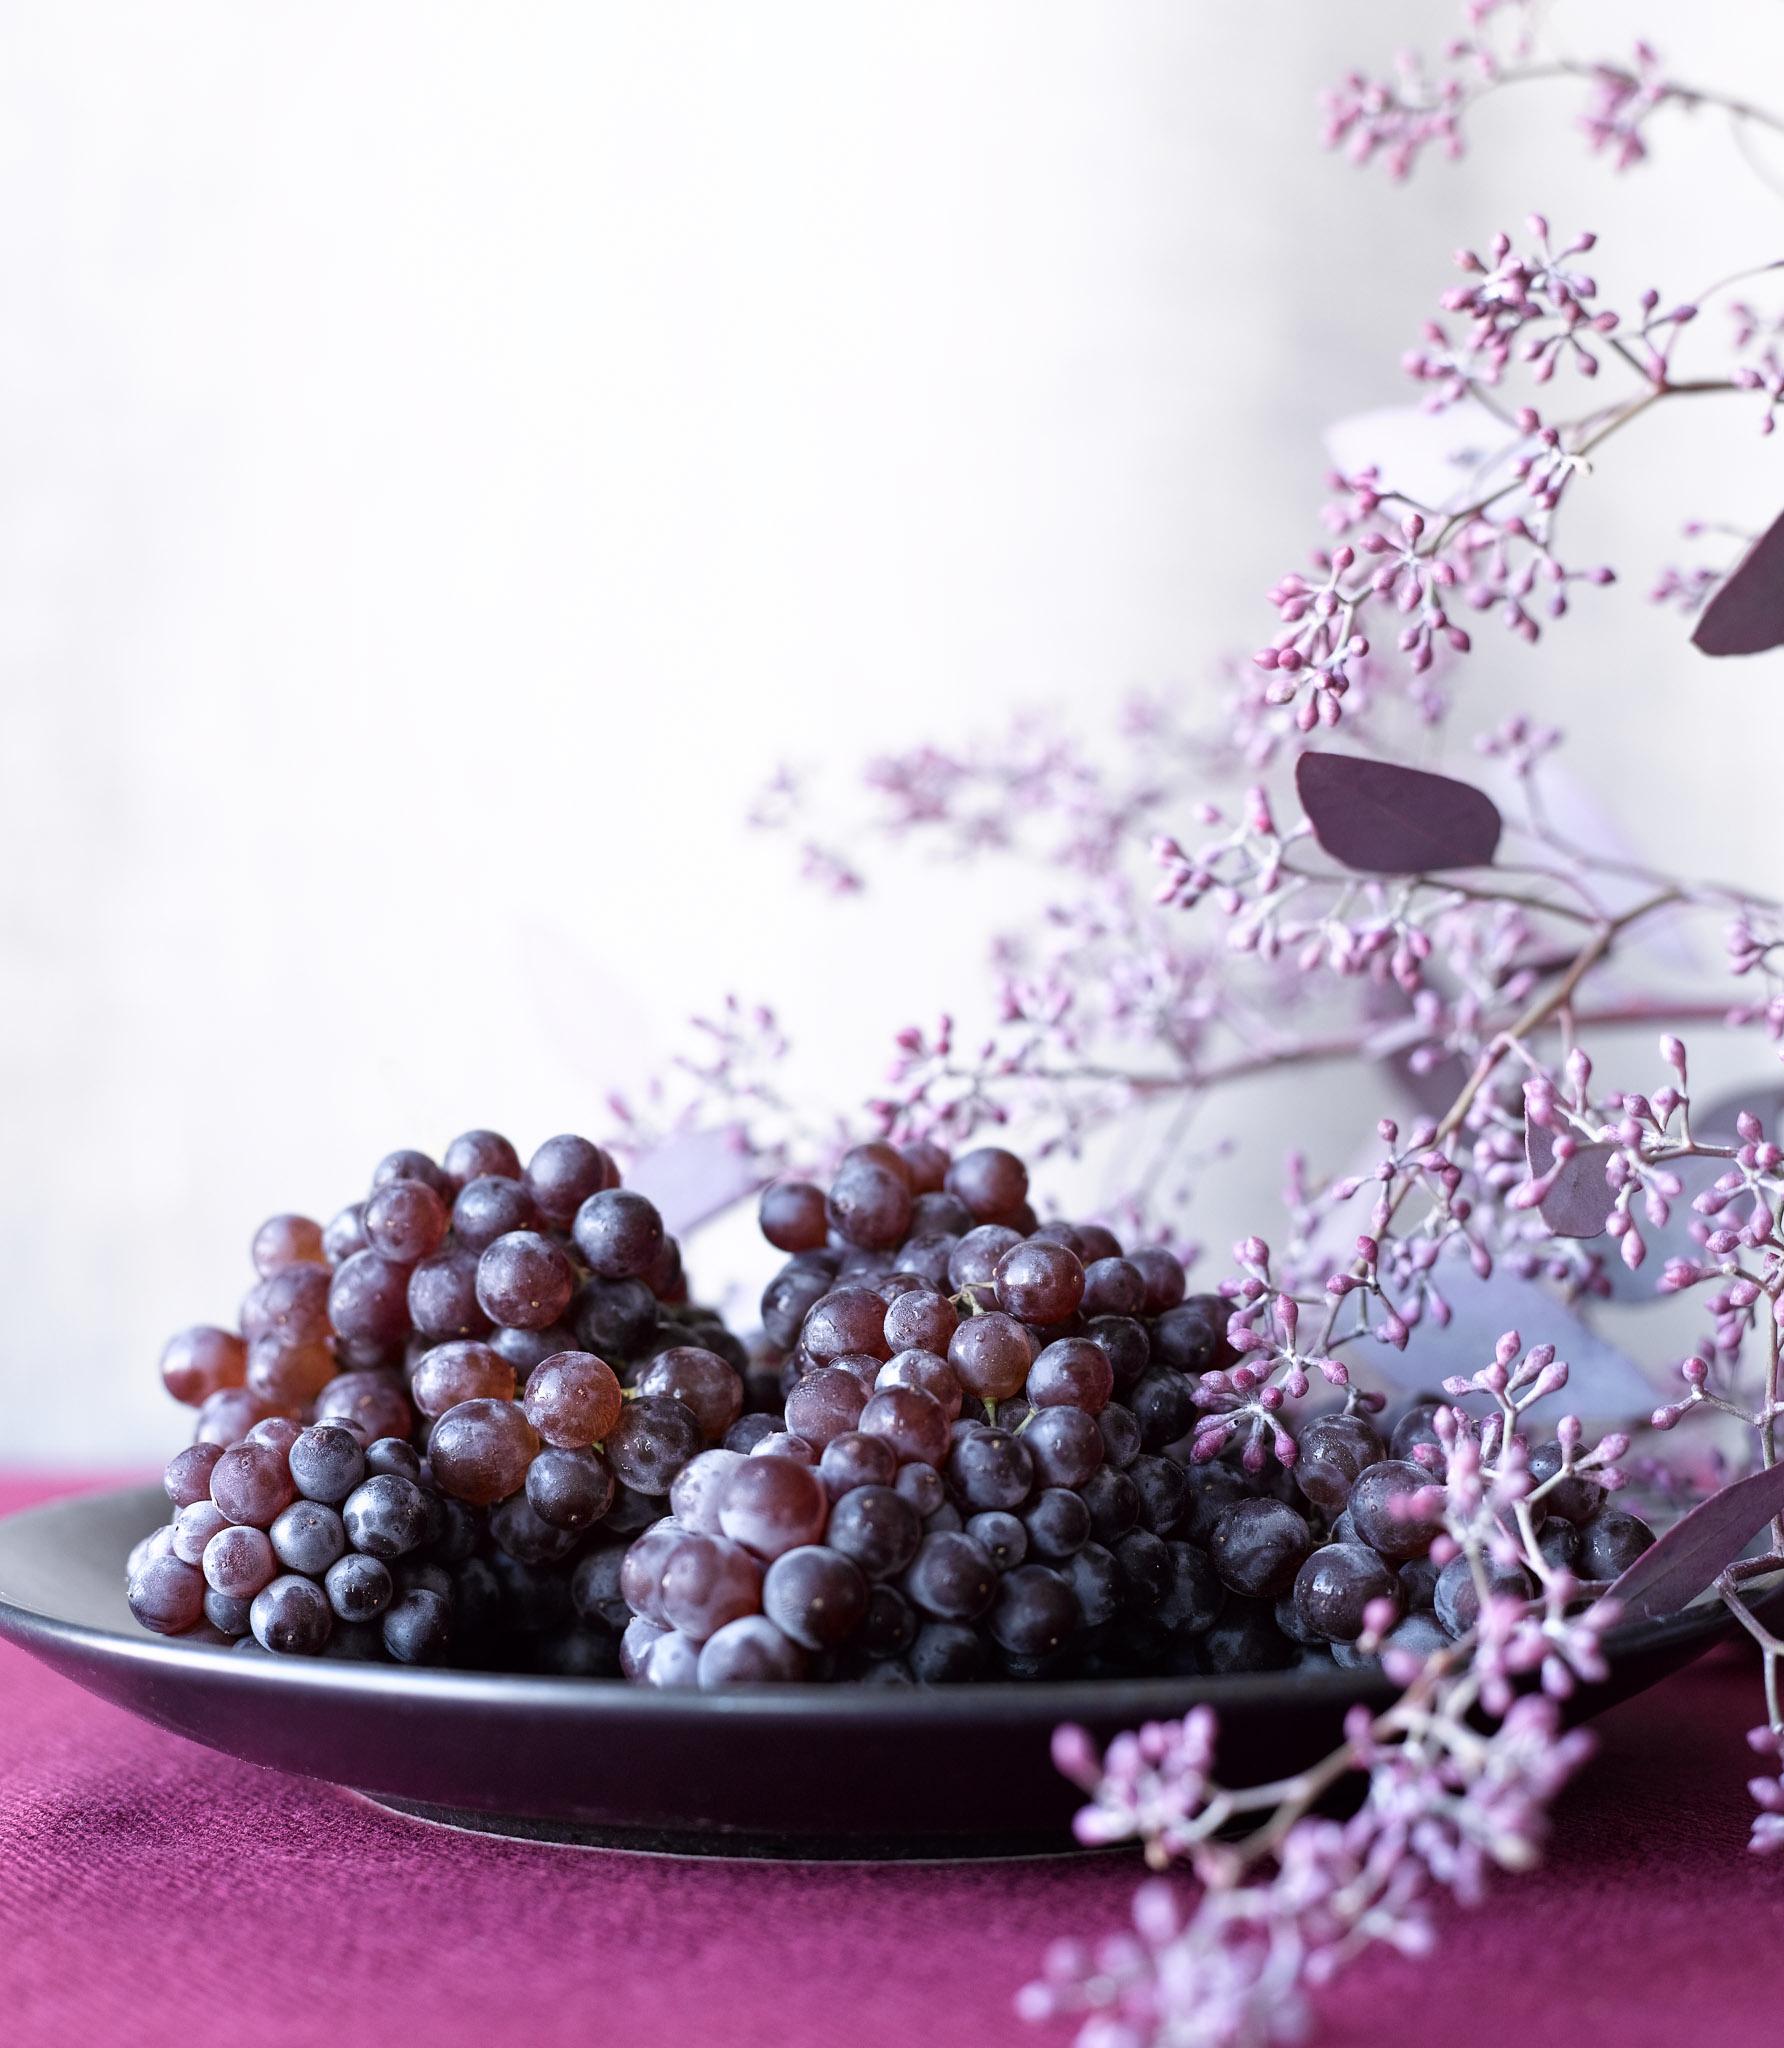 Red_Grapes_Still-Life.jpg